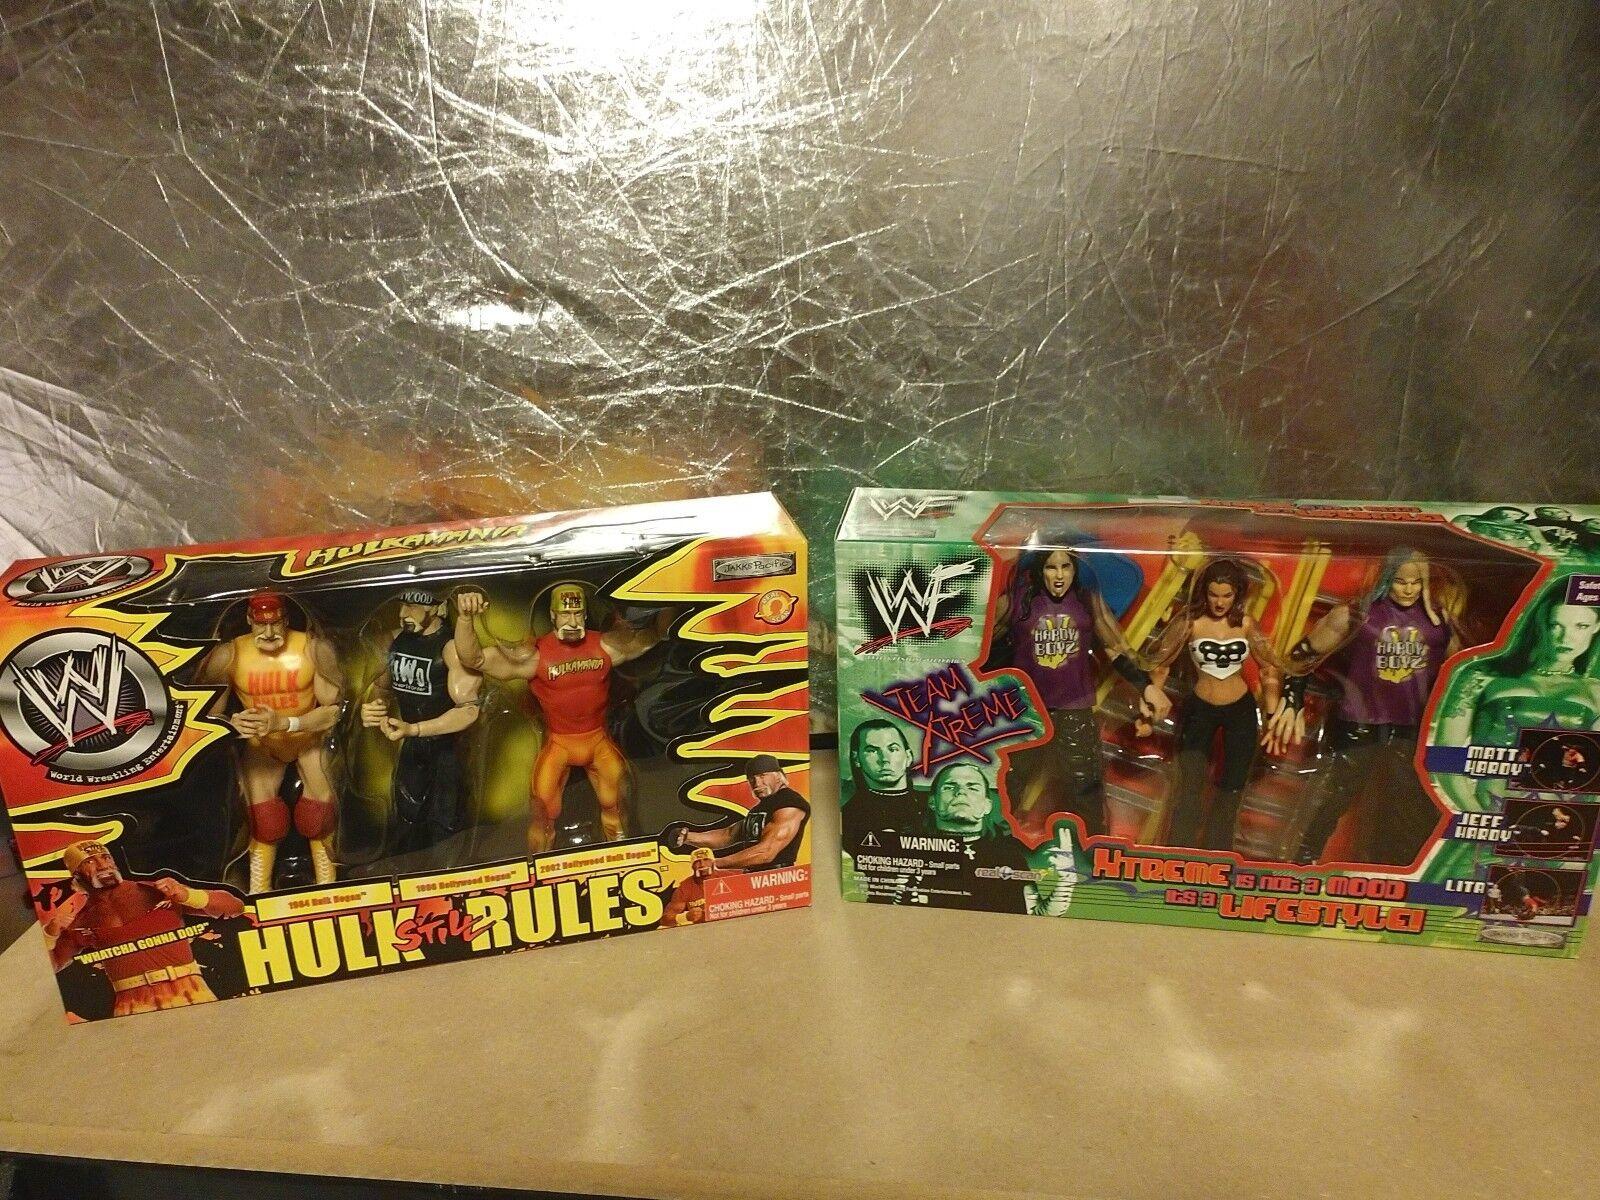 Jakks Pacific Team Xtreme Extreme Hardy Boys Boyz Lita, Hulk Hogan Still Rules